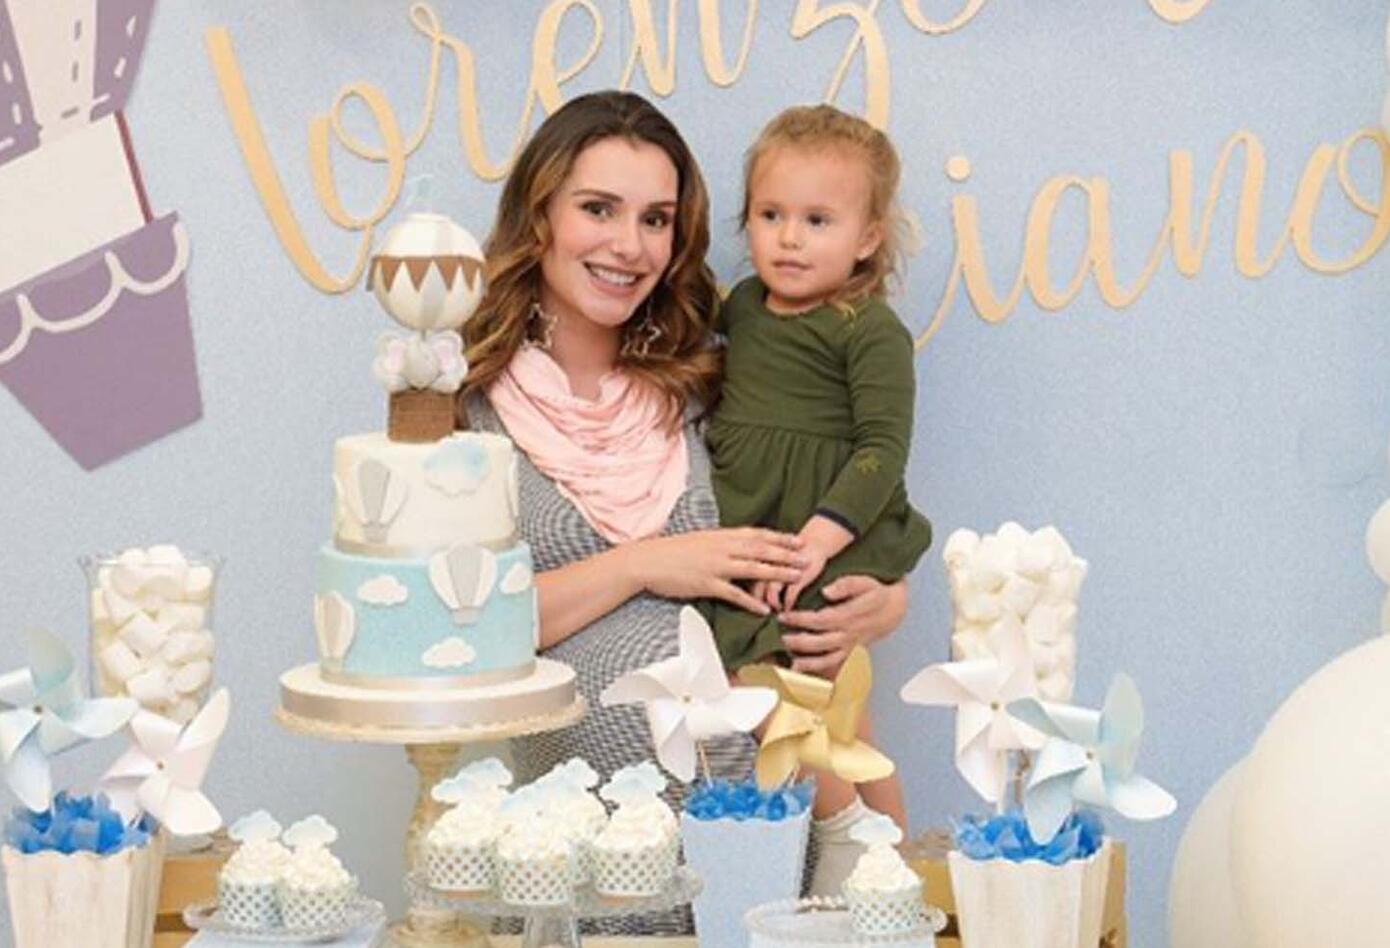 María Clara Rodríguez es madre de Matilde y de los recién nacidos Luciano y Lorenzo. La youtuber se ha dedicado a realizar videos contando las experiencias de ser madre.